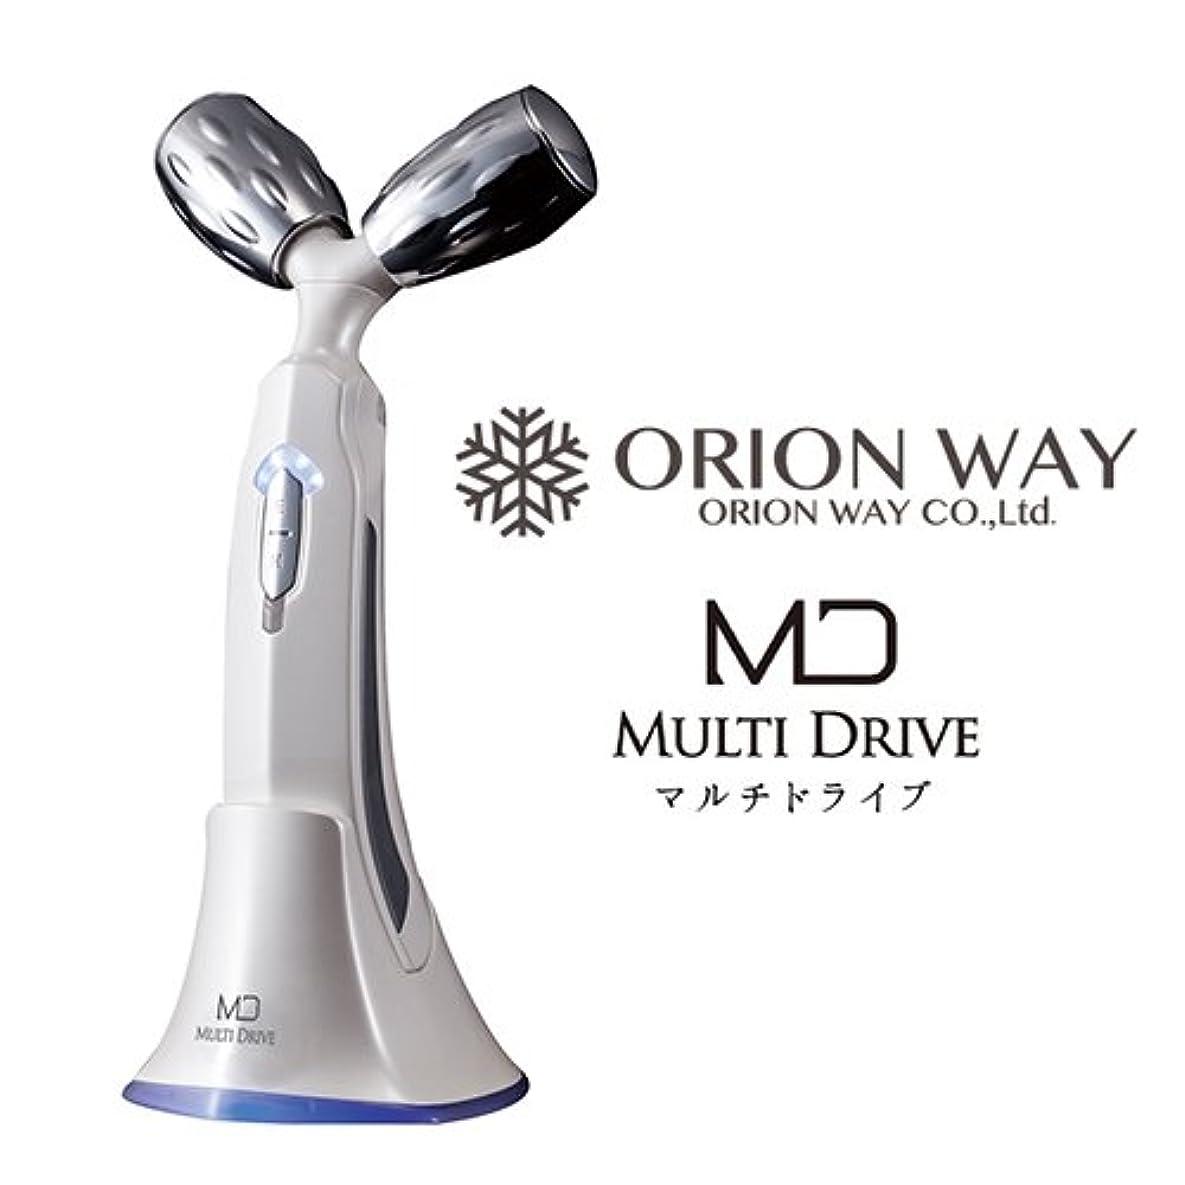 保存する気分救出美容機器 MULTI DRIVE (マルチドライブ)